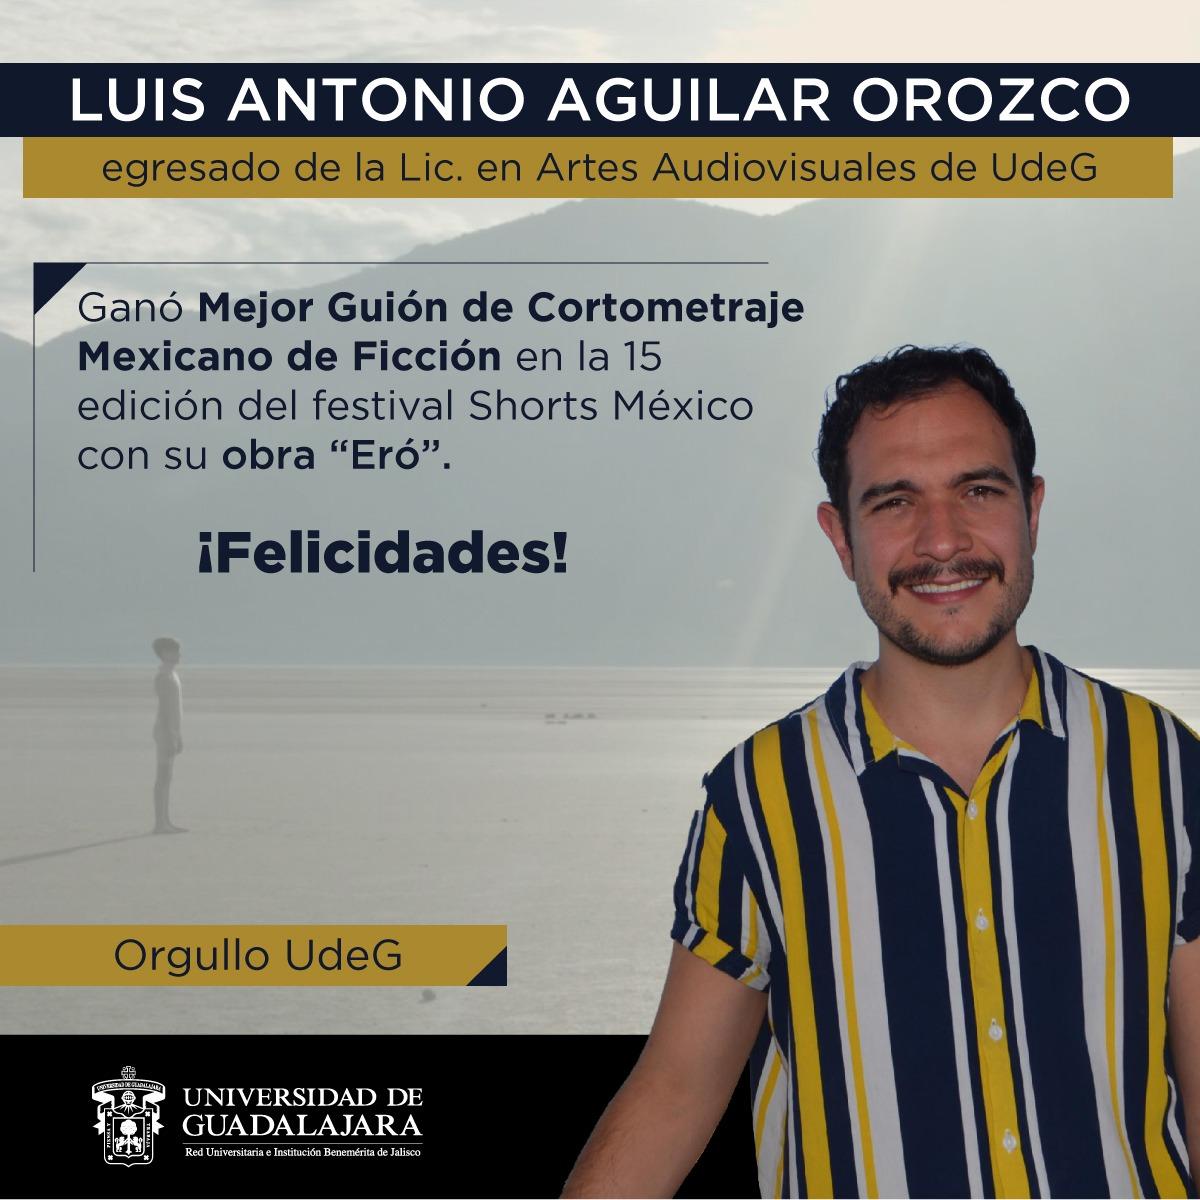 """Felicito a nuestro egresado de @CUAAD_UdeG, Luis Antonio Aguilar Orozco, quien con su cortometraje """"Eró"""", resultó galardonado en la categoría a Mejor Guión de Cortometraje Mexicano de Ficción, en la #15edición de @shortsmexico.   ¡Felicidades, Luis! 👏 #OrgulloUdeG https://t.co/vsnVLZrxi1"""